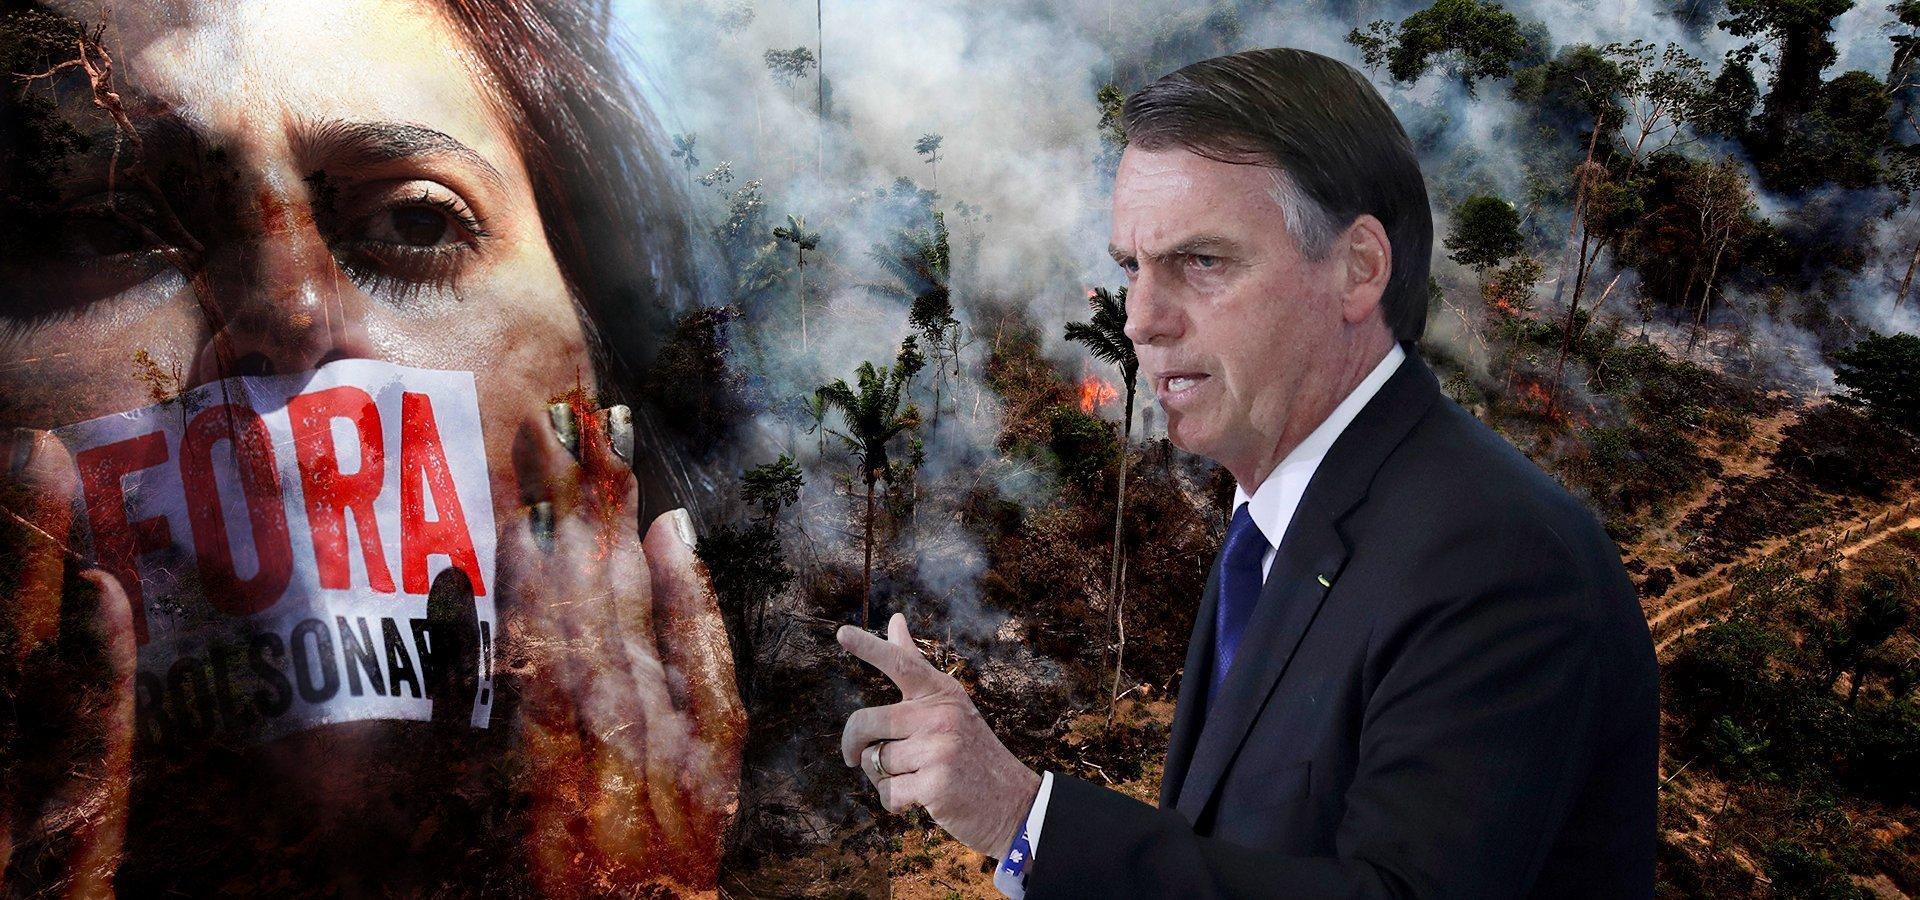 Αµαζόνιος: Ο «πνεύμονας» της Γης πεθαίνει µε τις ευλογίες του Μπολσονάρο